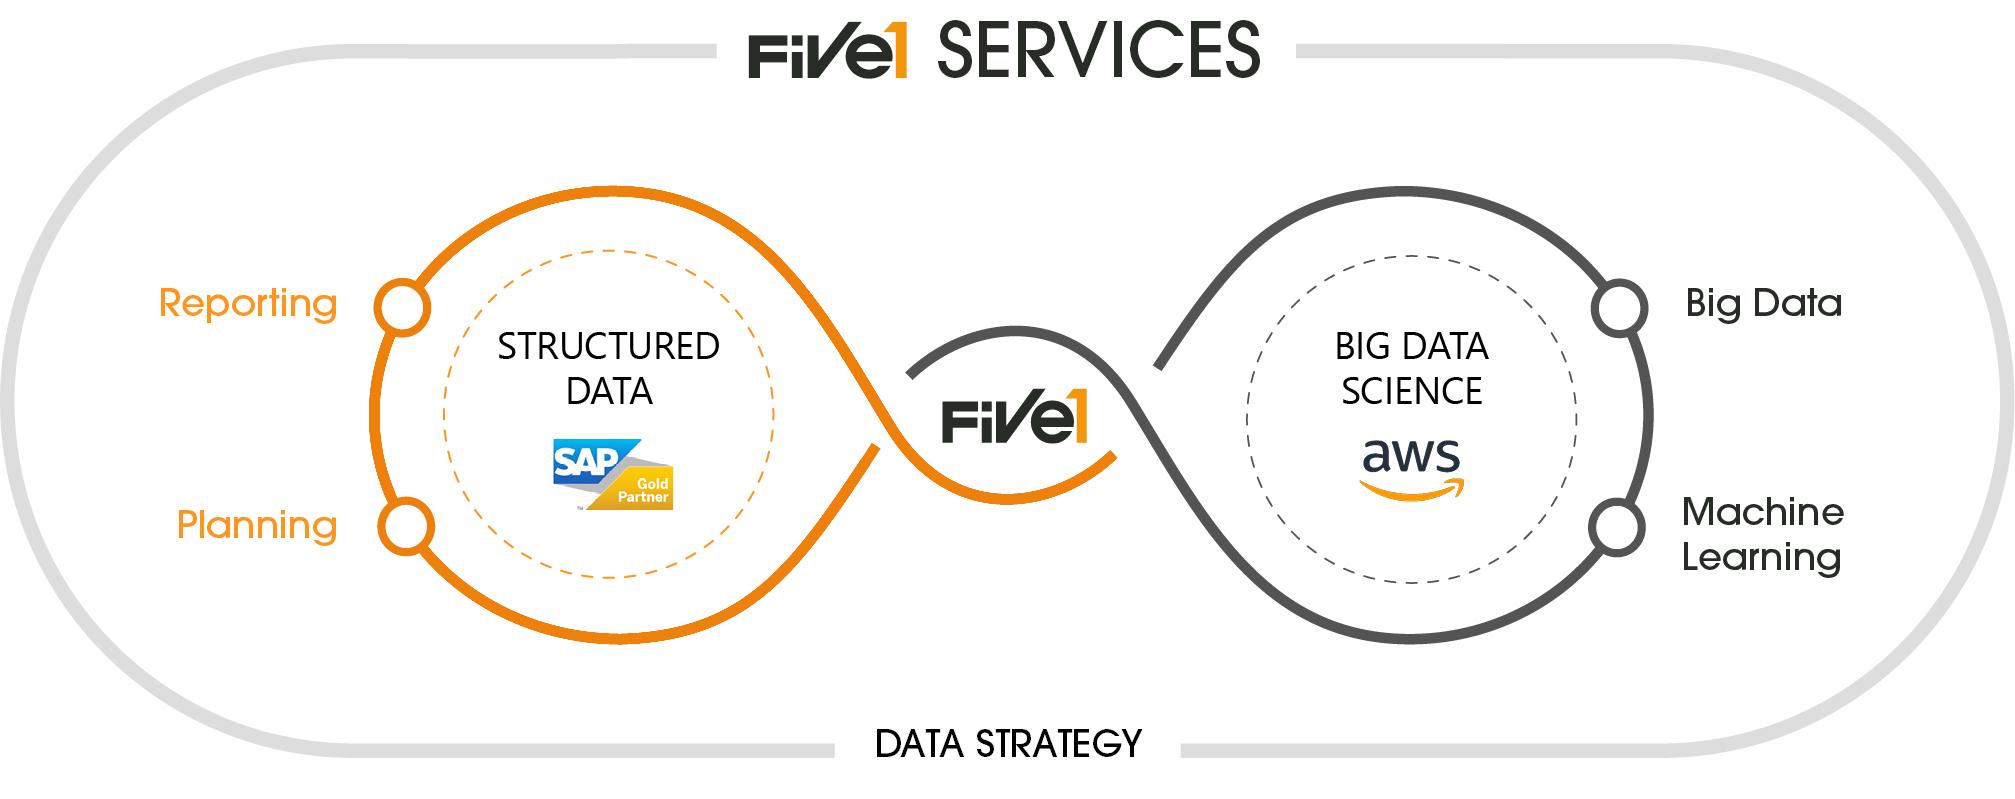 Five1_Services